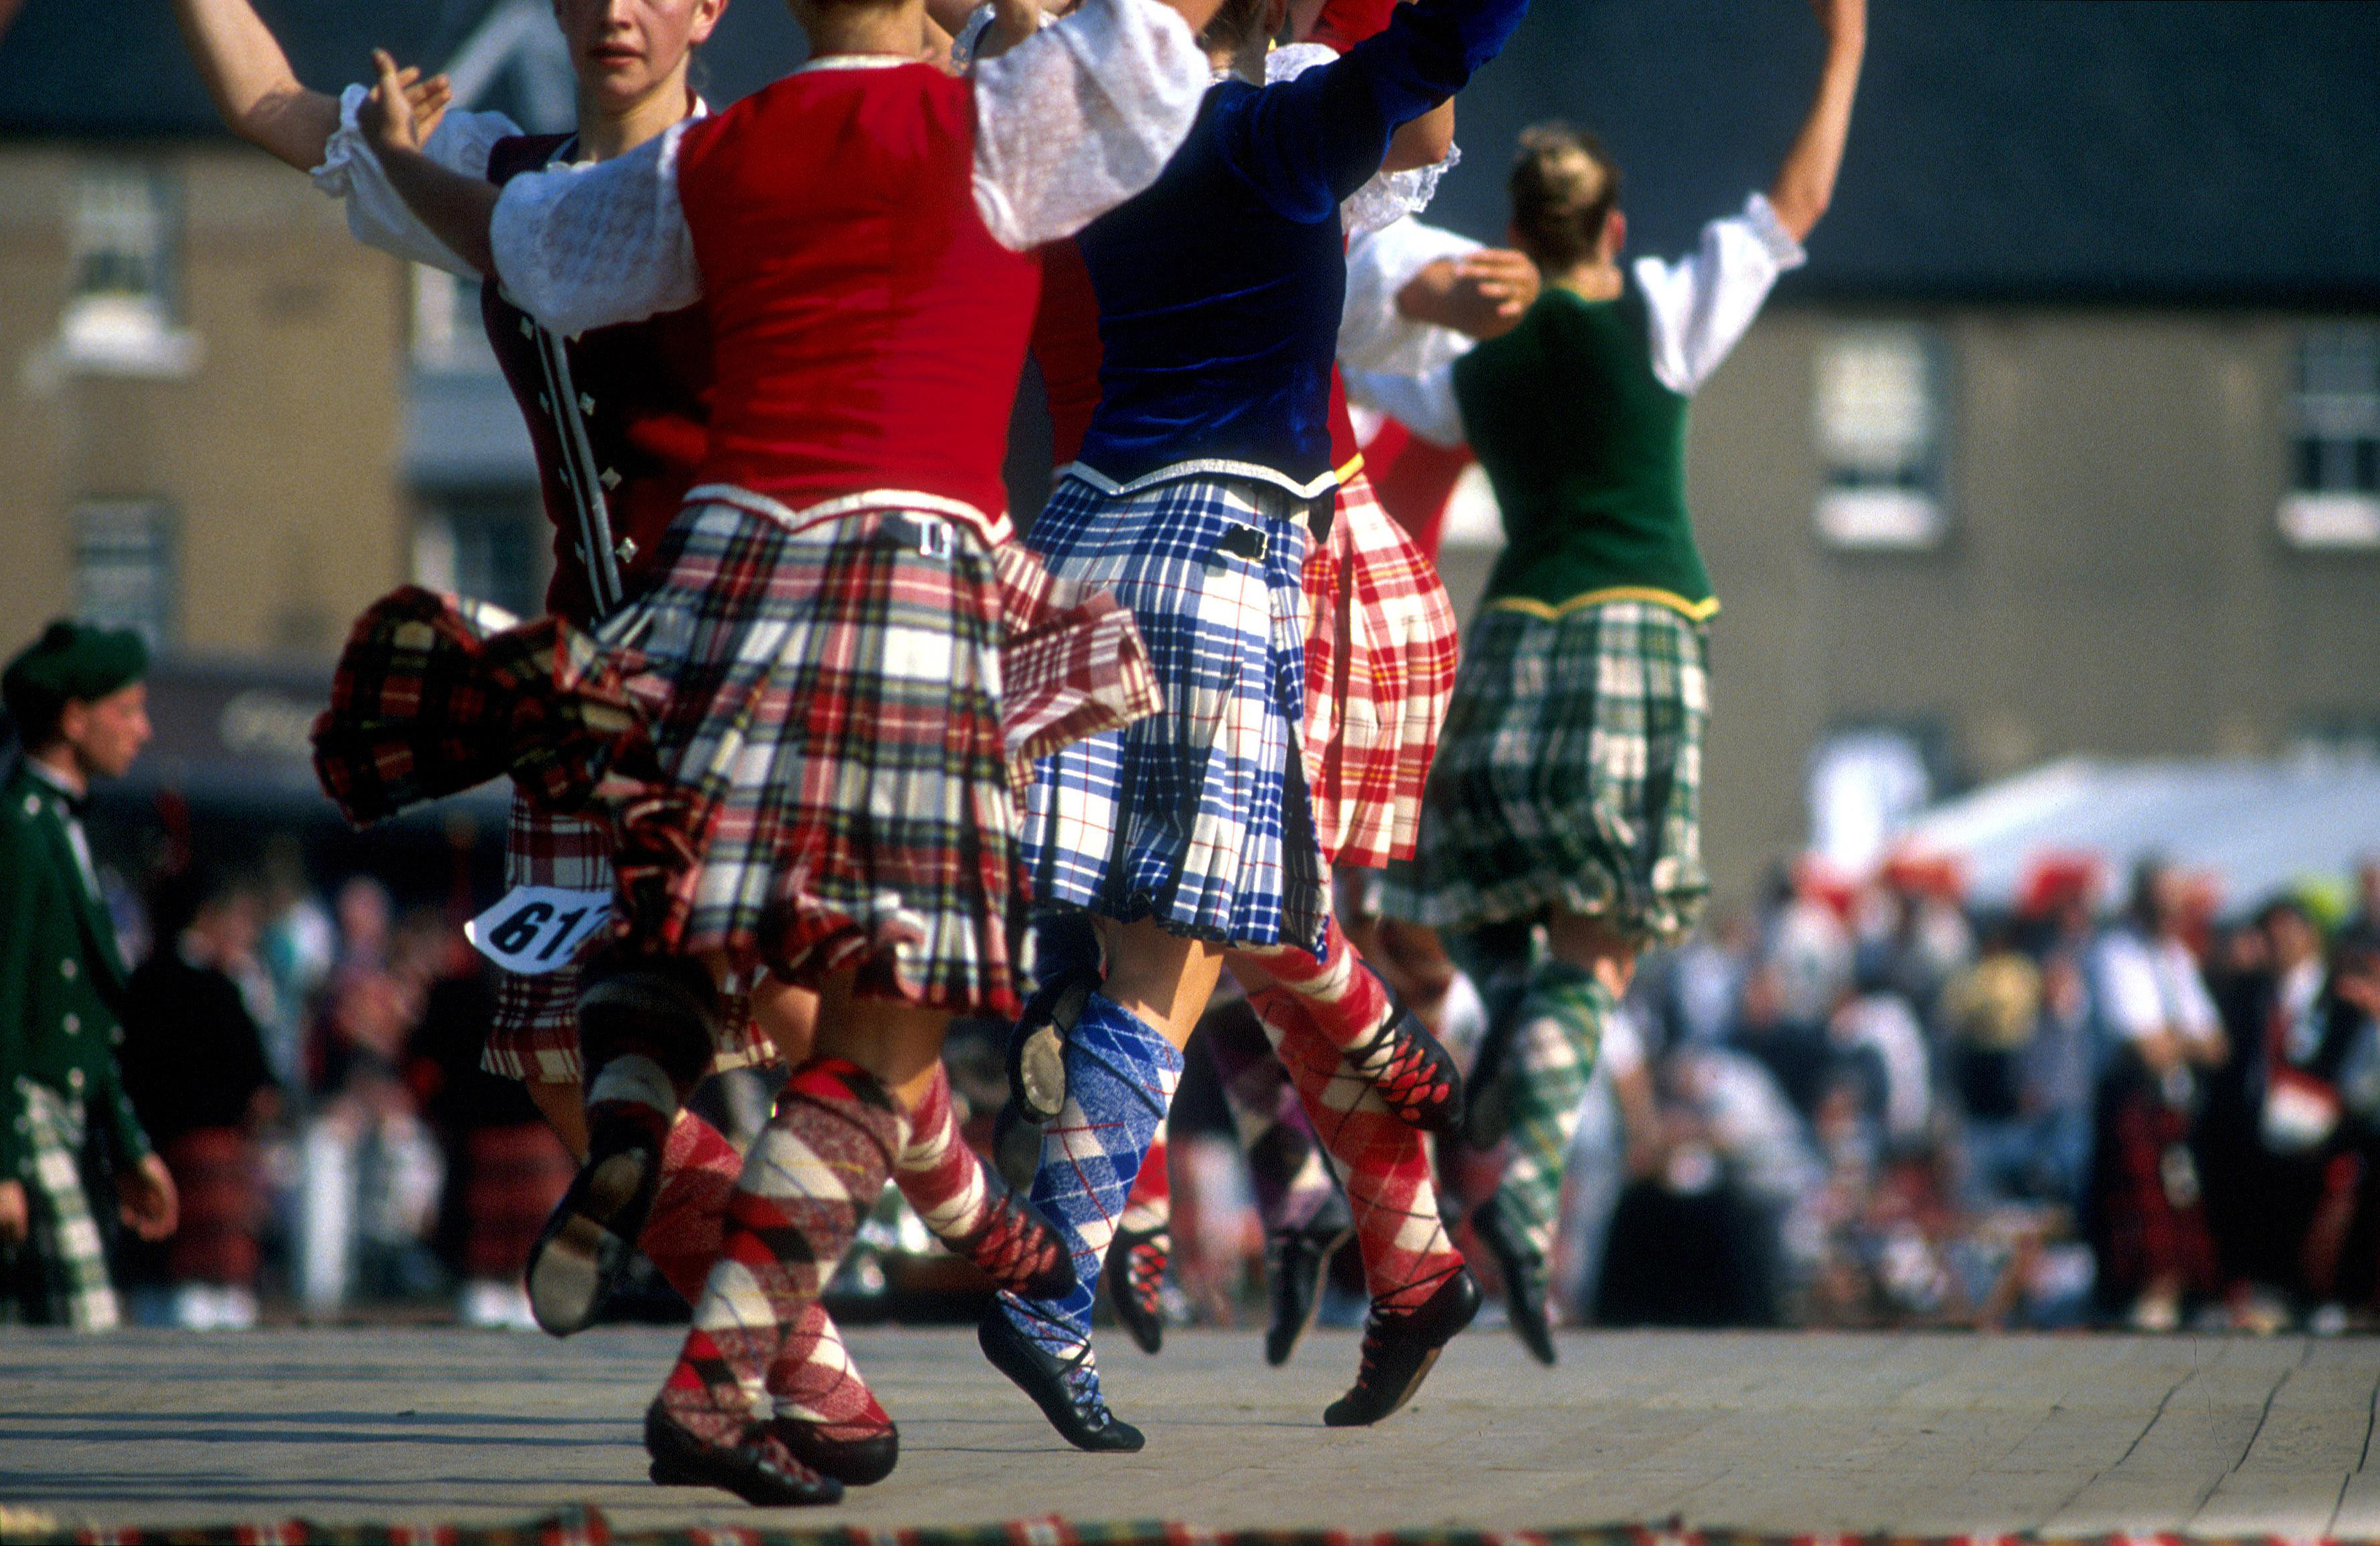 Skotland med Edinburgh tattoo. Fly Esbjerg. UDSOLGT, 8 dages rundrejse. Tattoo på Edinburgh Castle.